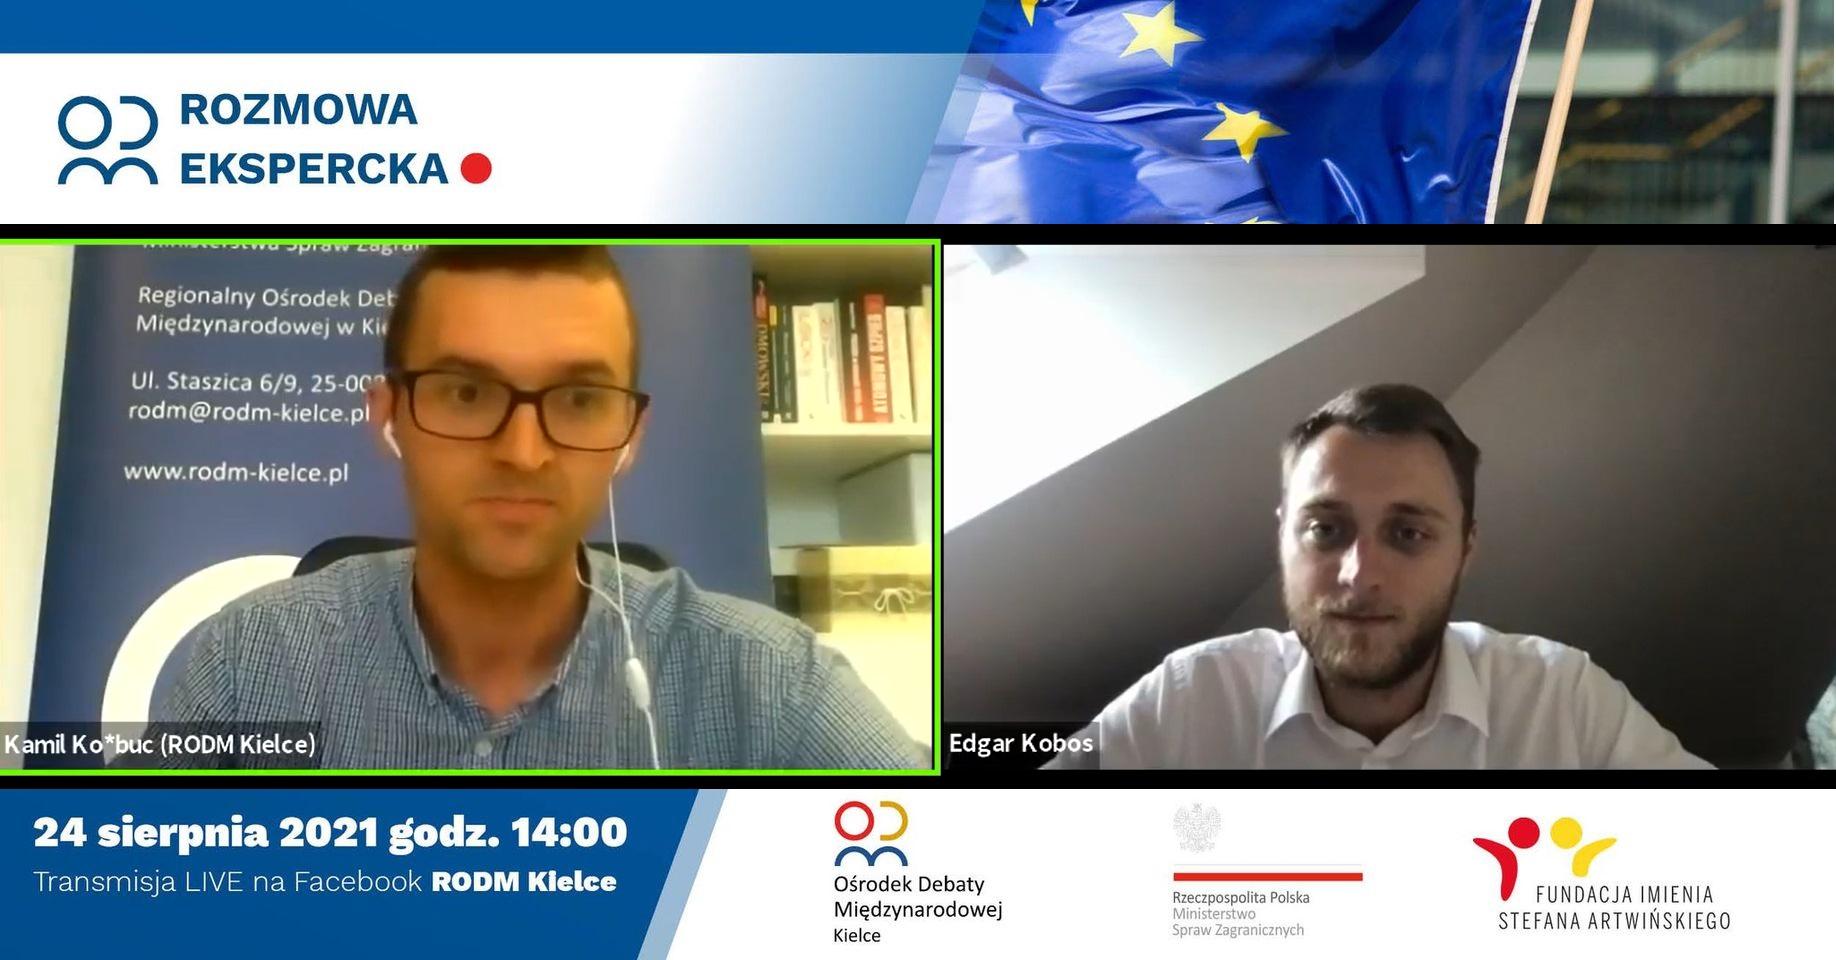 Jakie możliwości rozwojowe UE daje młodym ludziom?